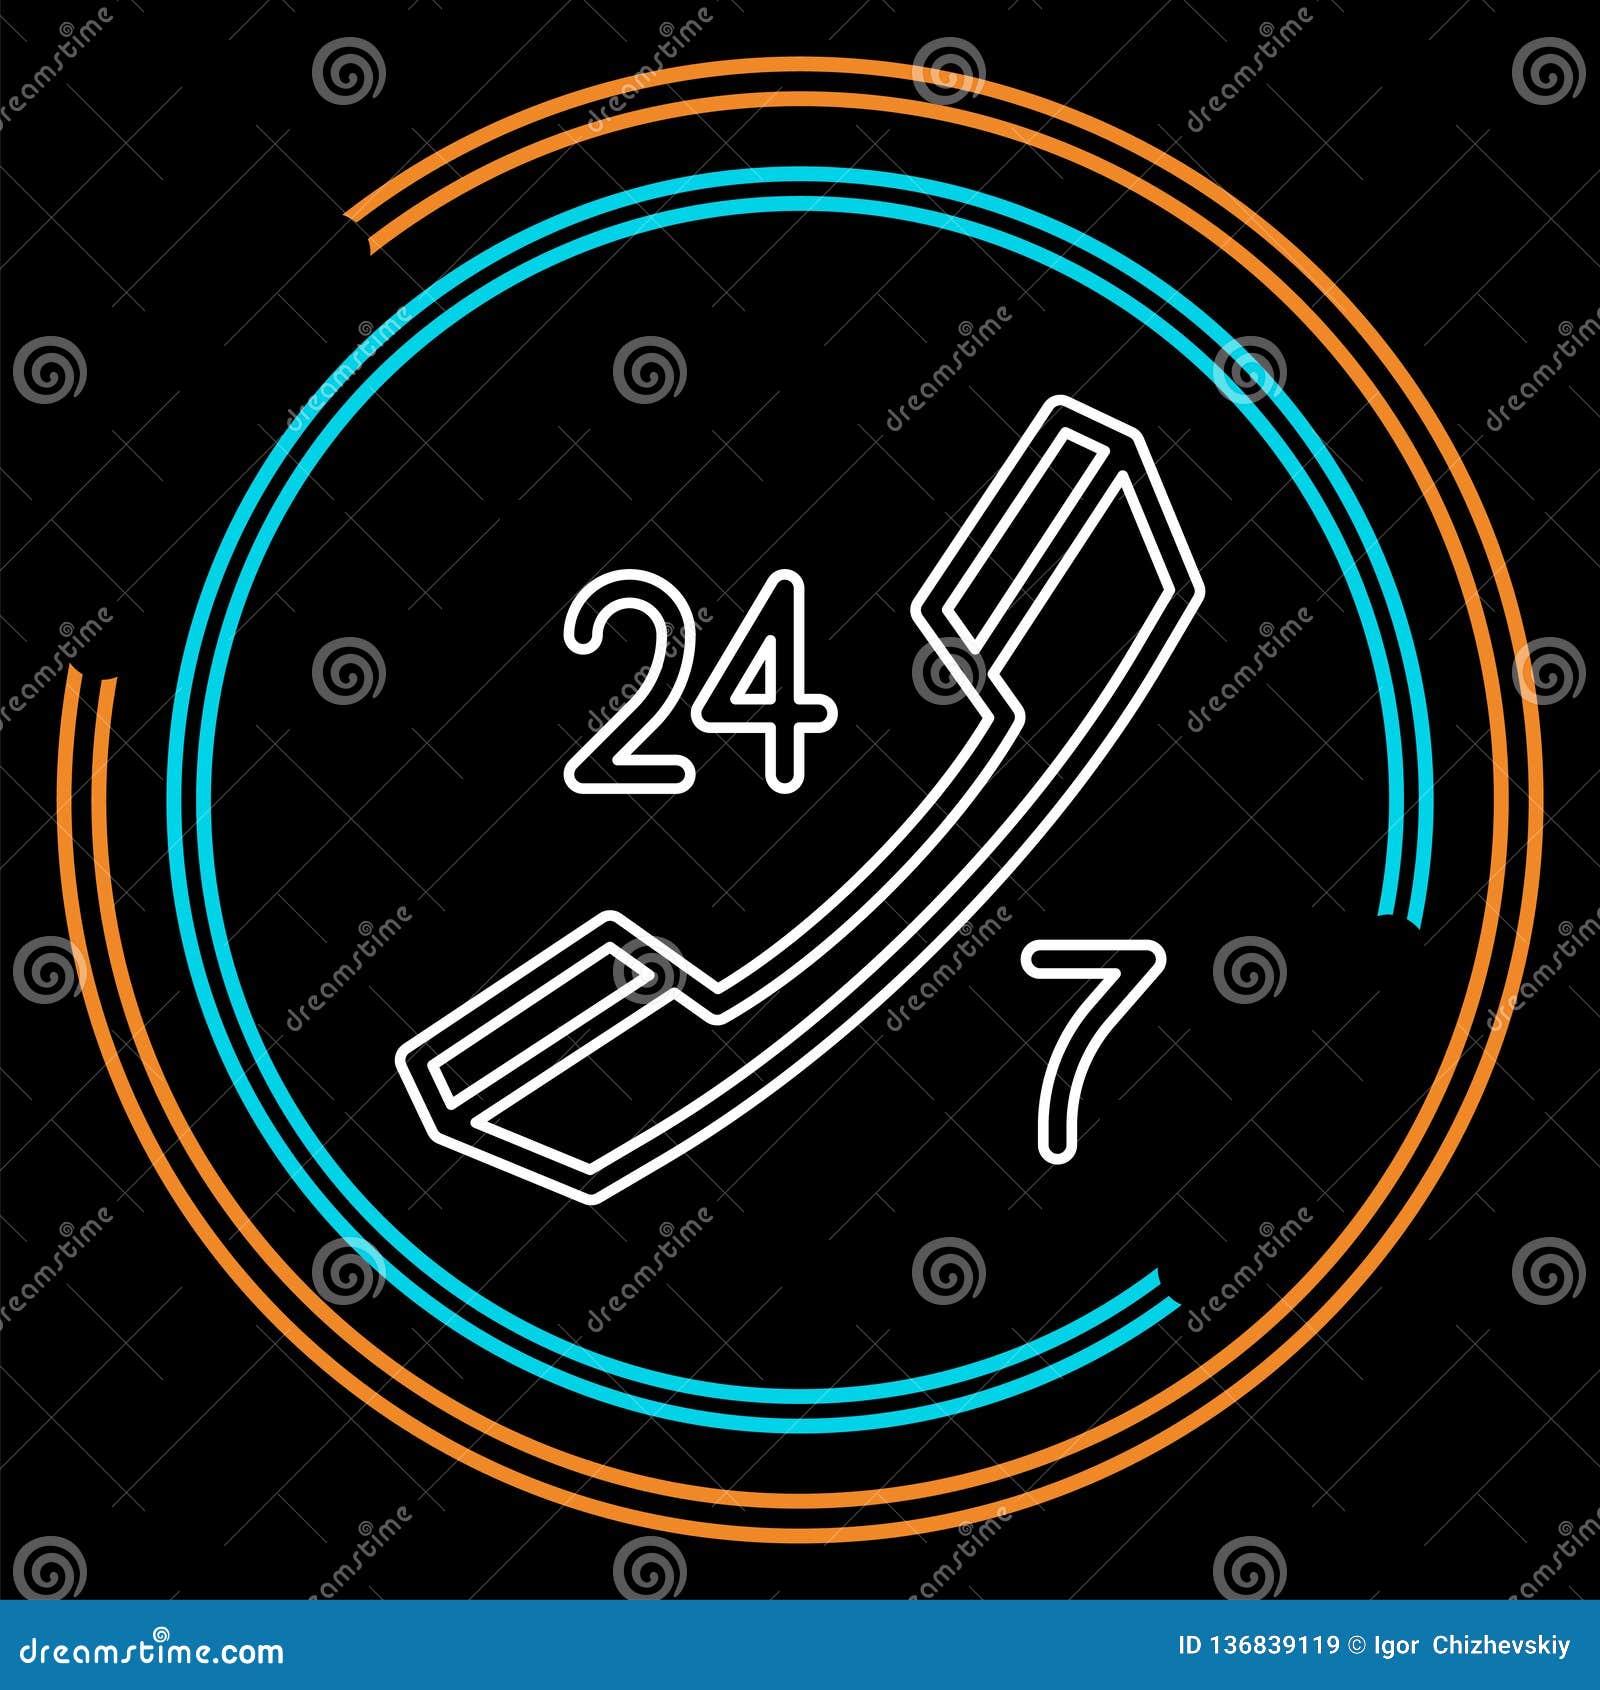 24 icônes de service à la clientèle 7 - support à la clientèle